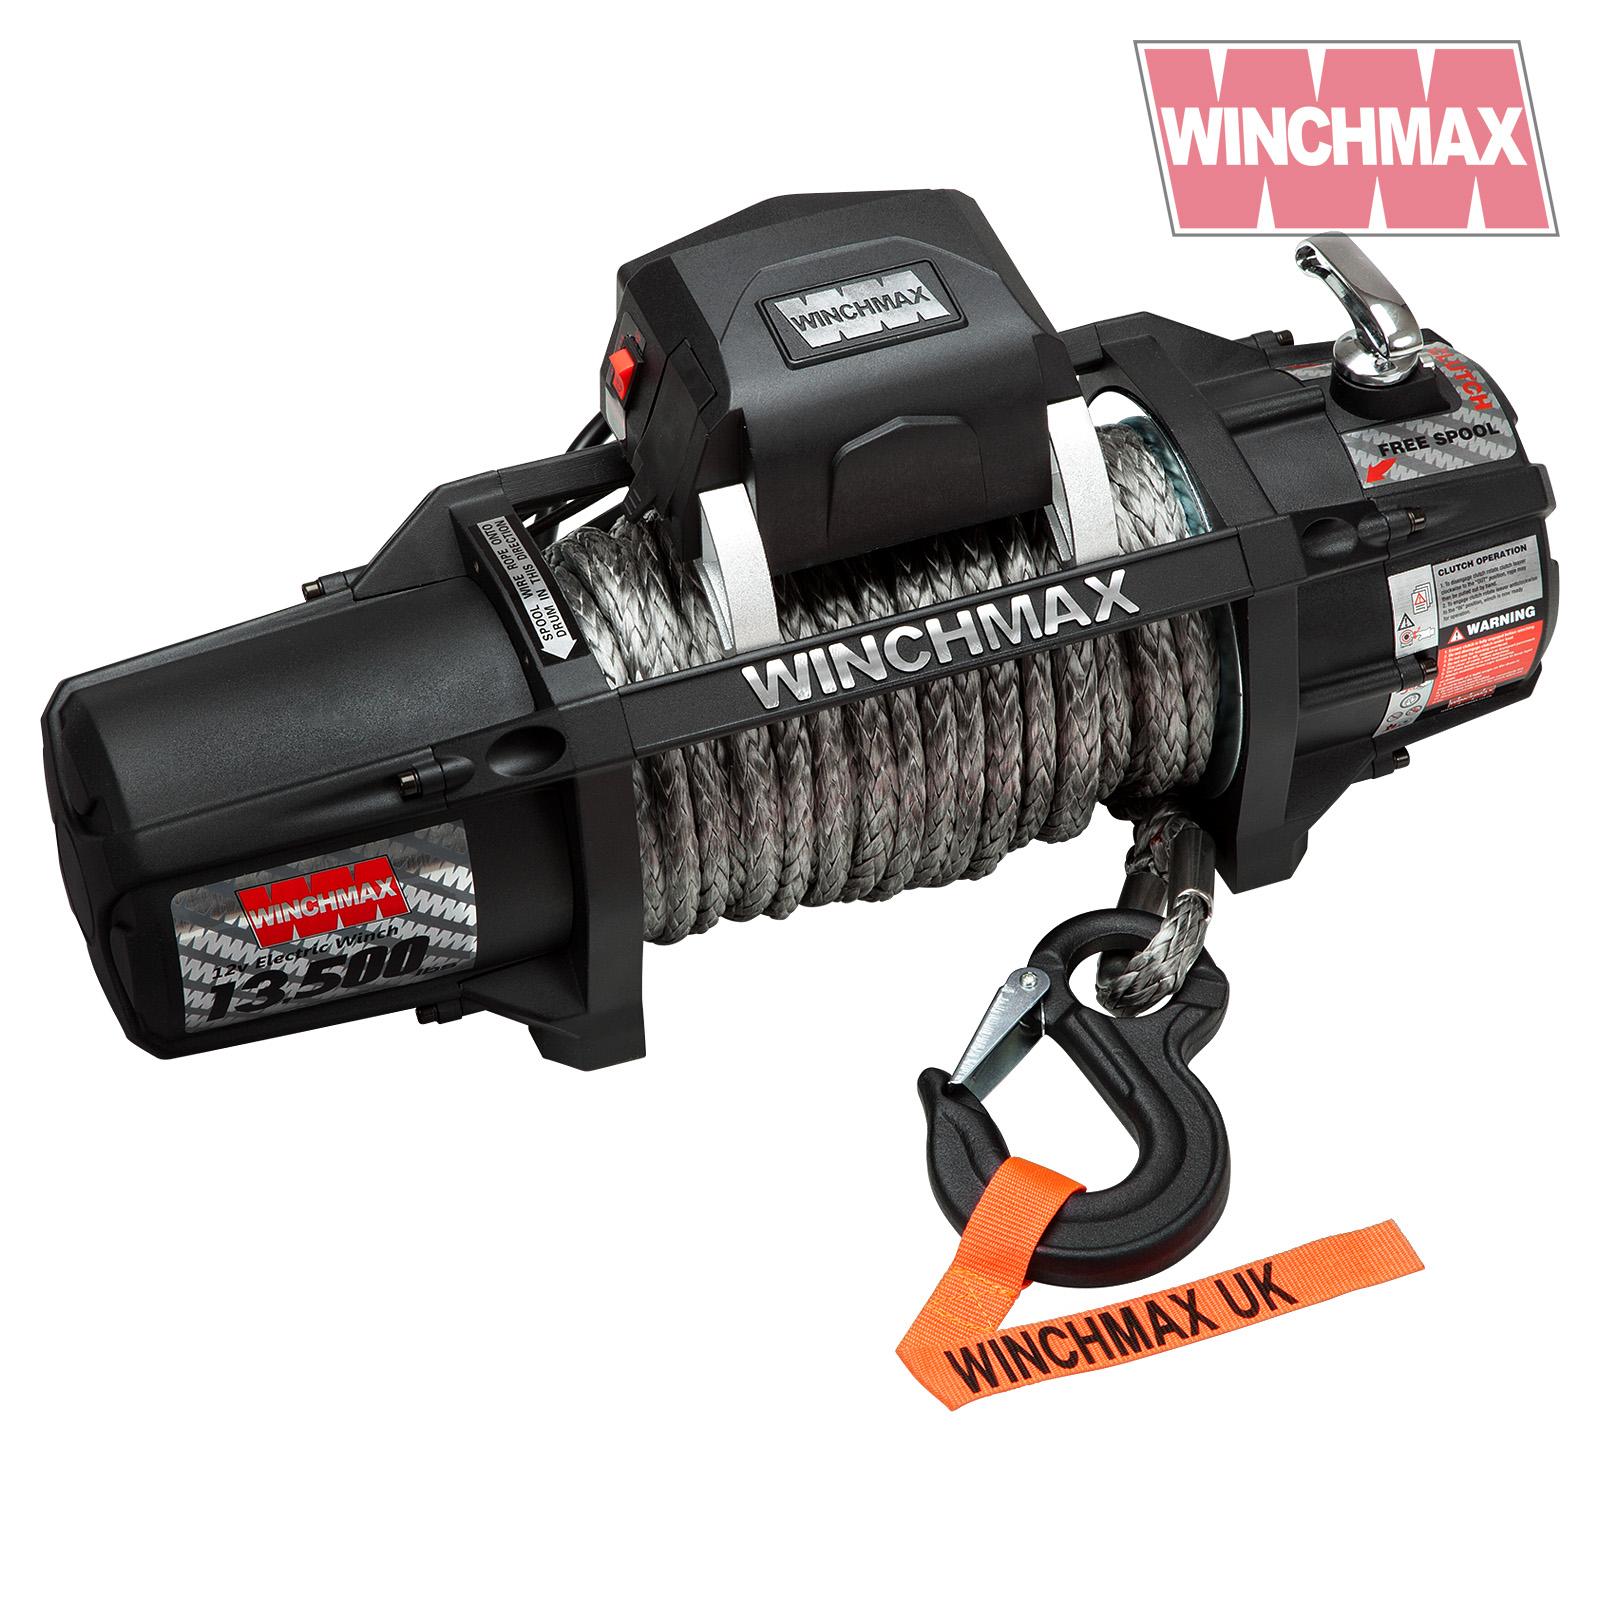 Wmsl1350012vmilspecsyn winchmax 093